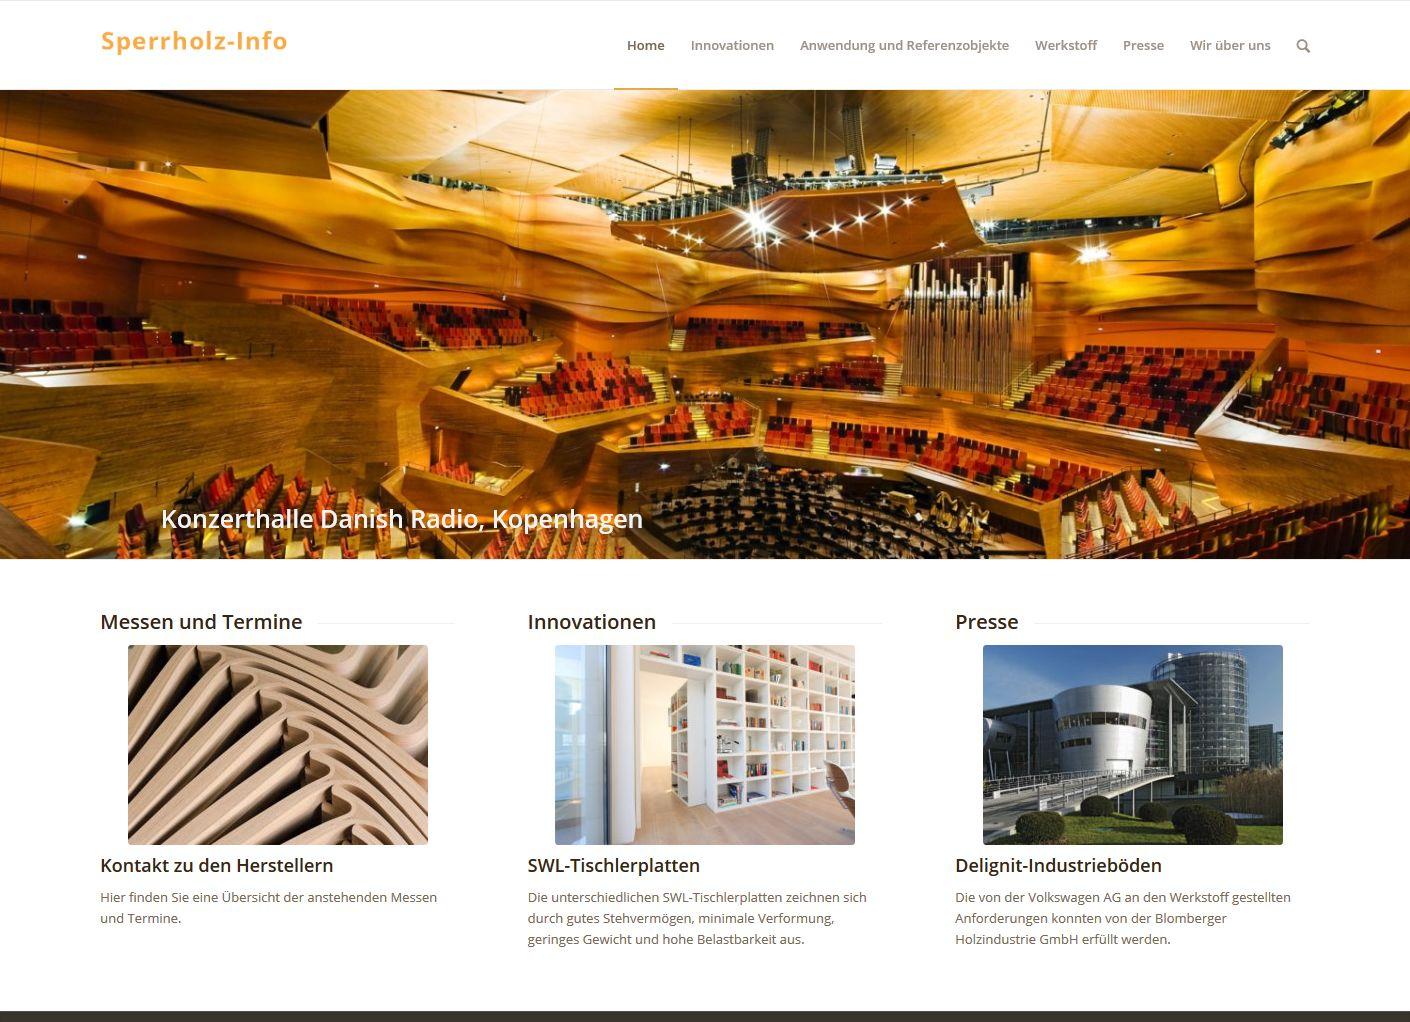 Sperrholz-Info.de